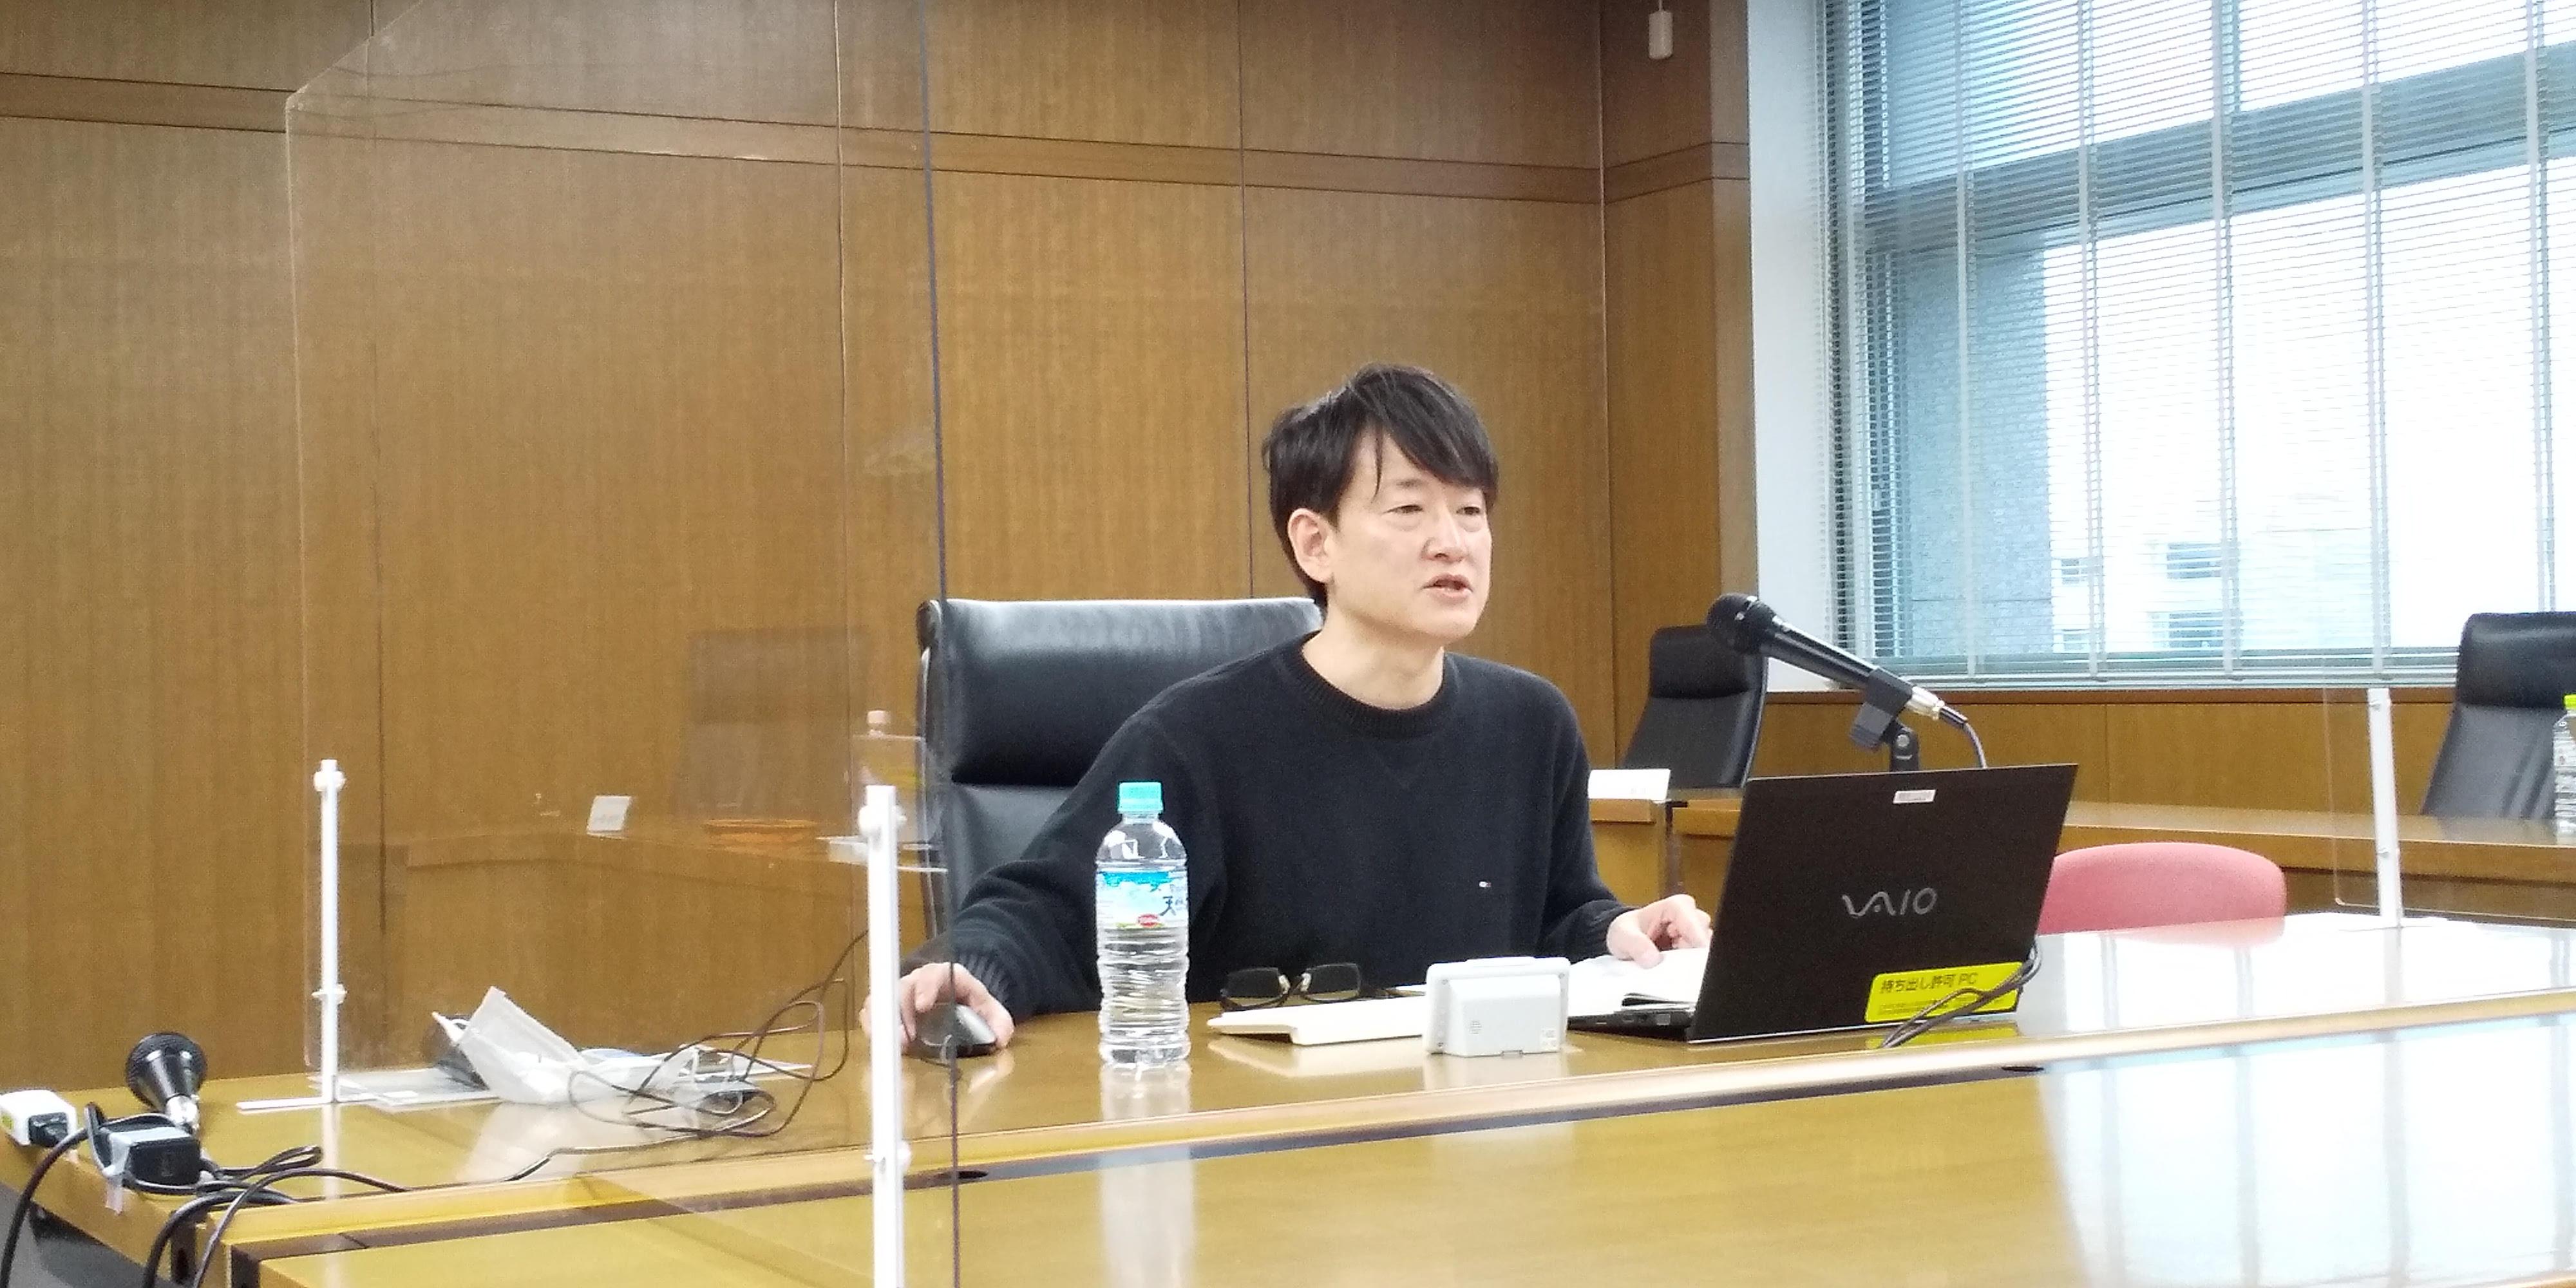 日本生活協同組合連合会の本部にて代表取締役の竹内が講演をいたしました